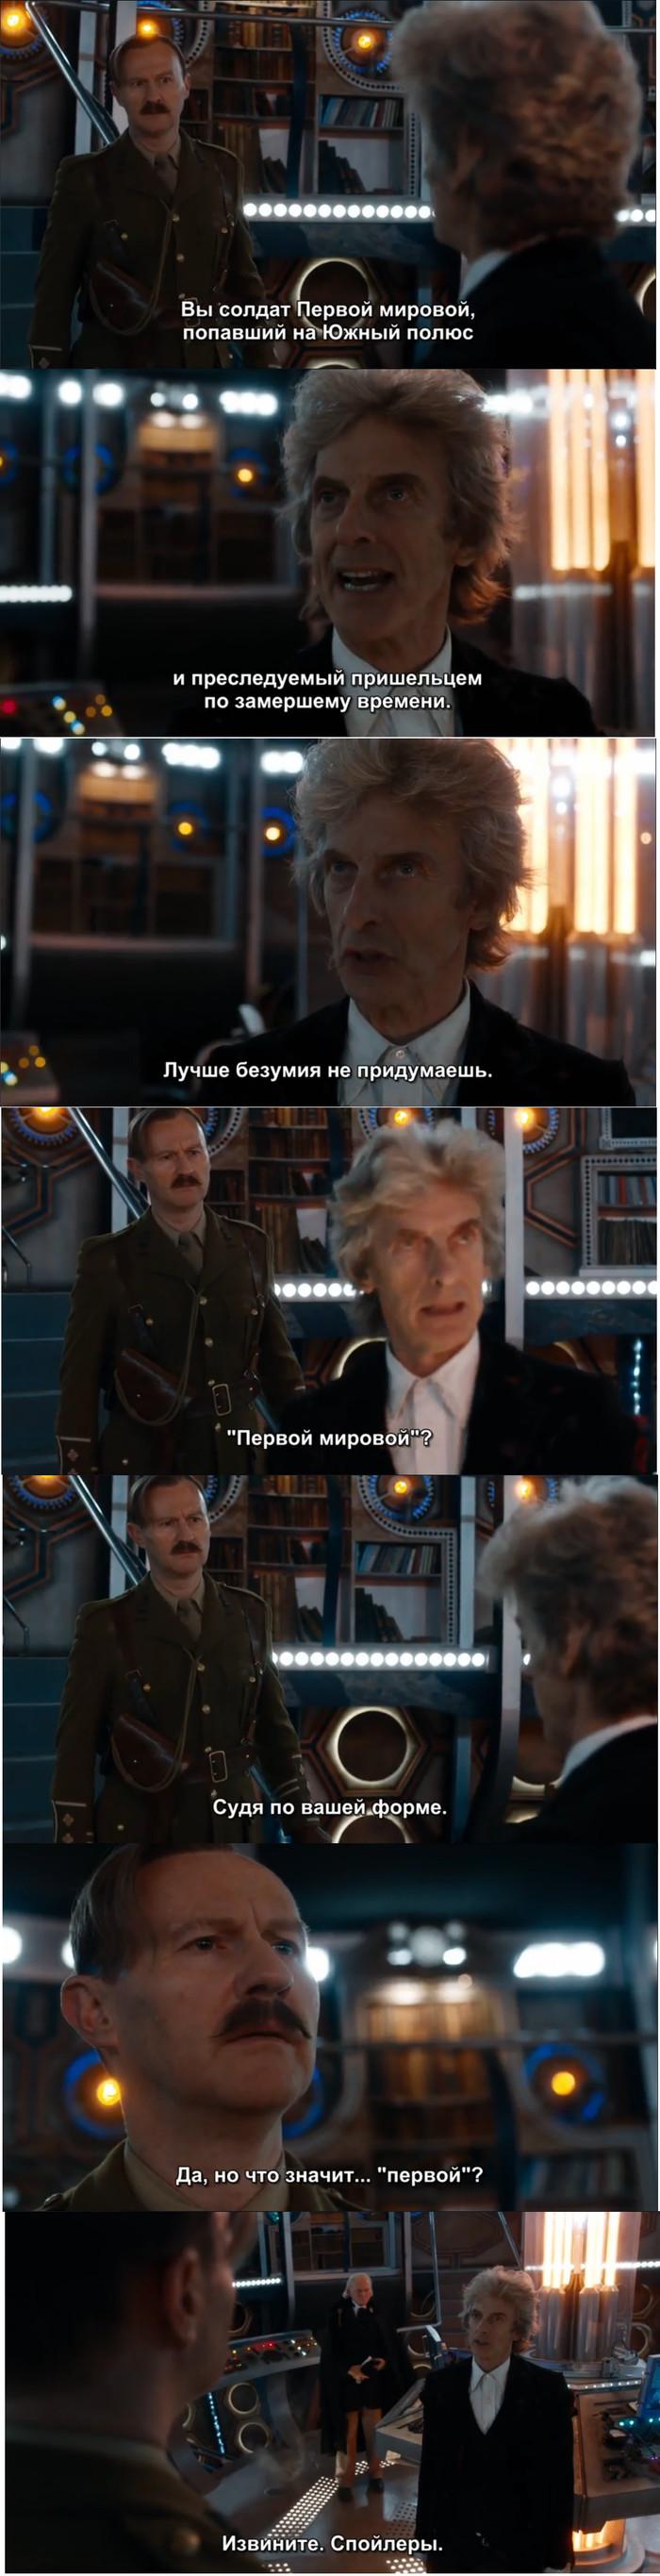 Спойлеры Доктор кто, Доктор Кто: Дважды во времени, Спойлер, Раскадровка, Длиннопост